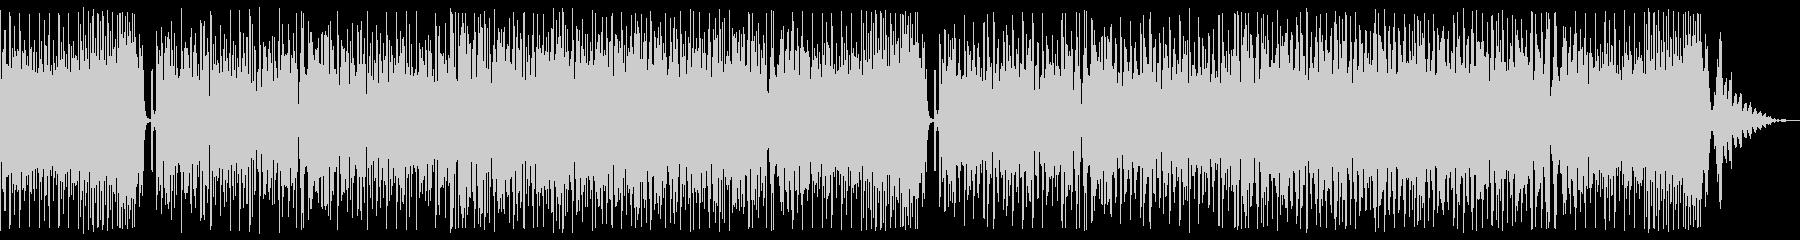 ヘビーなドラムンベースの未再生の波形